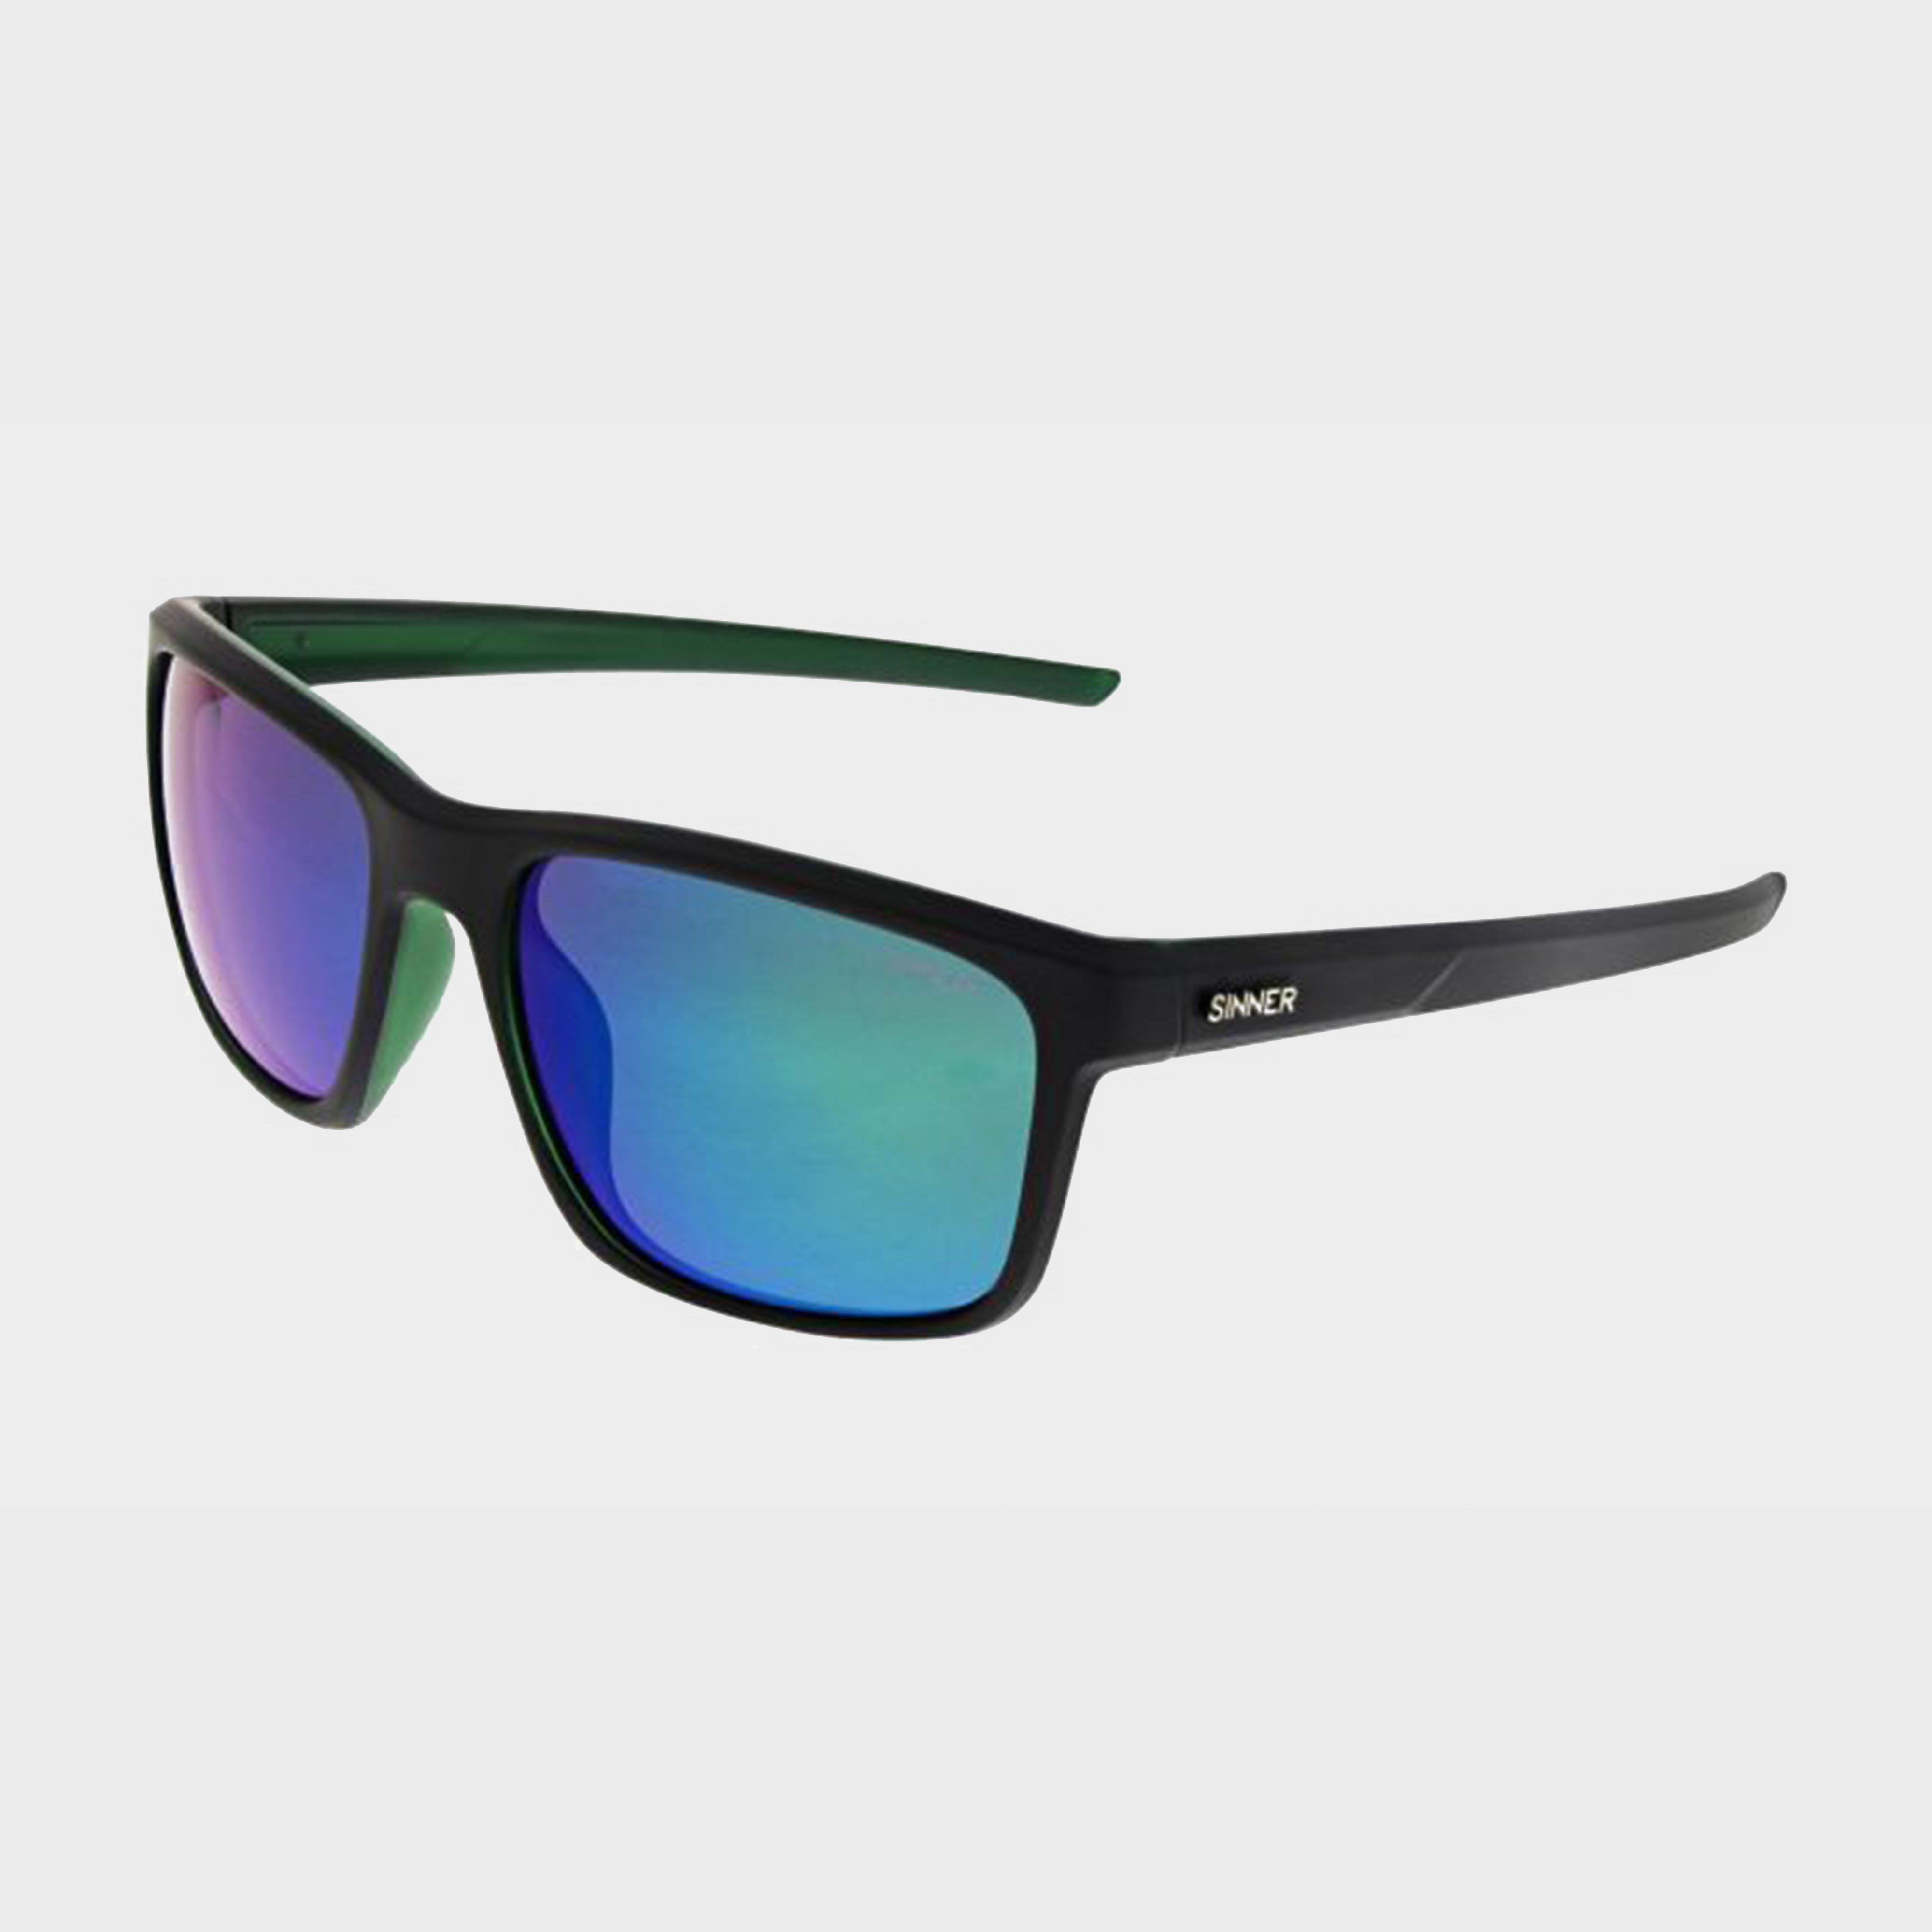 Sinner Sinner Louis SINTEC Sunglasses, Green